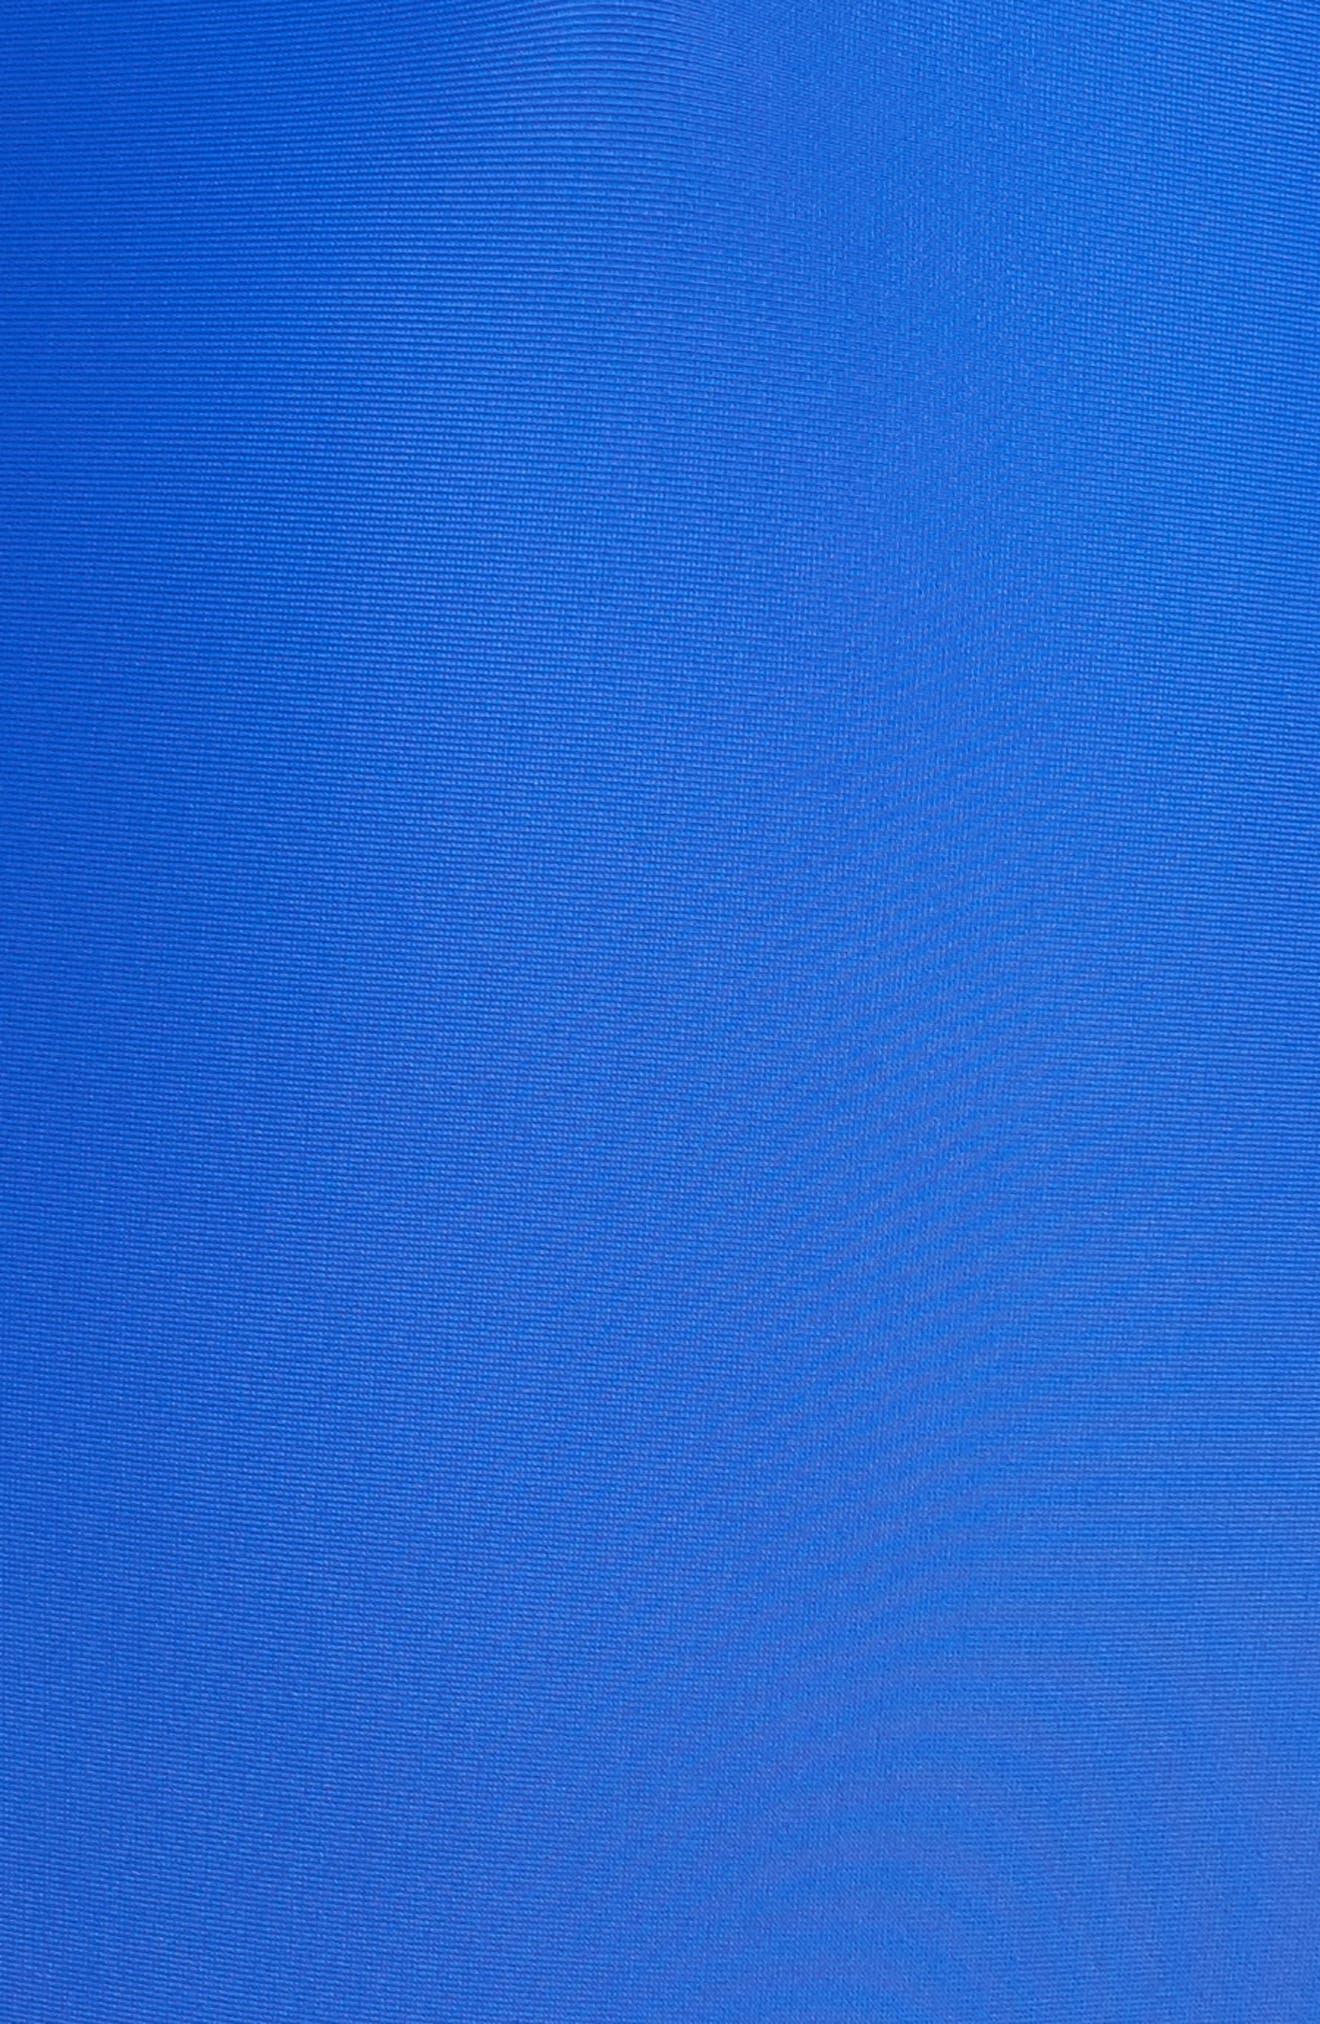 Launch One-Piece Swimsuit,                             Alternate thumbnail 5, color,                             BLUE/ BLACK